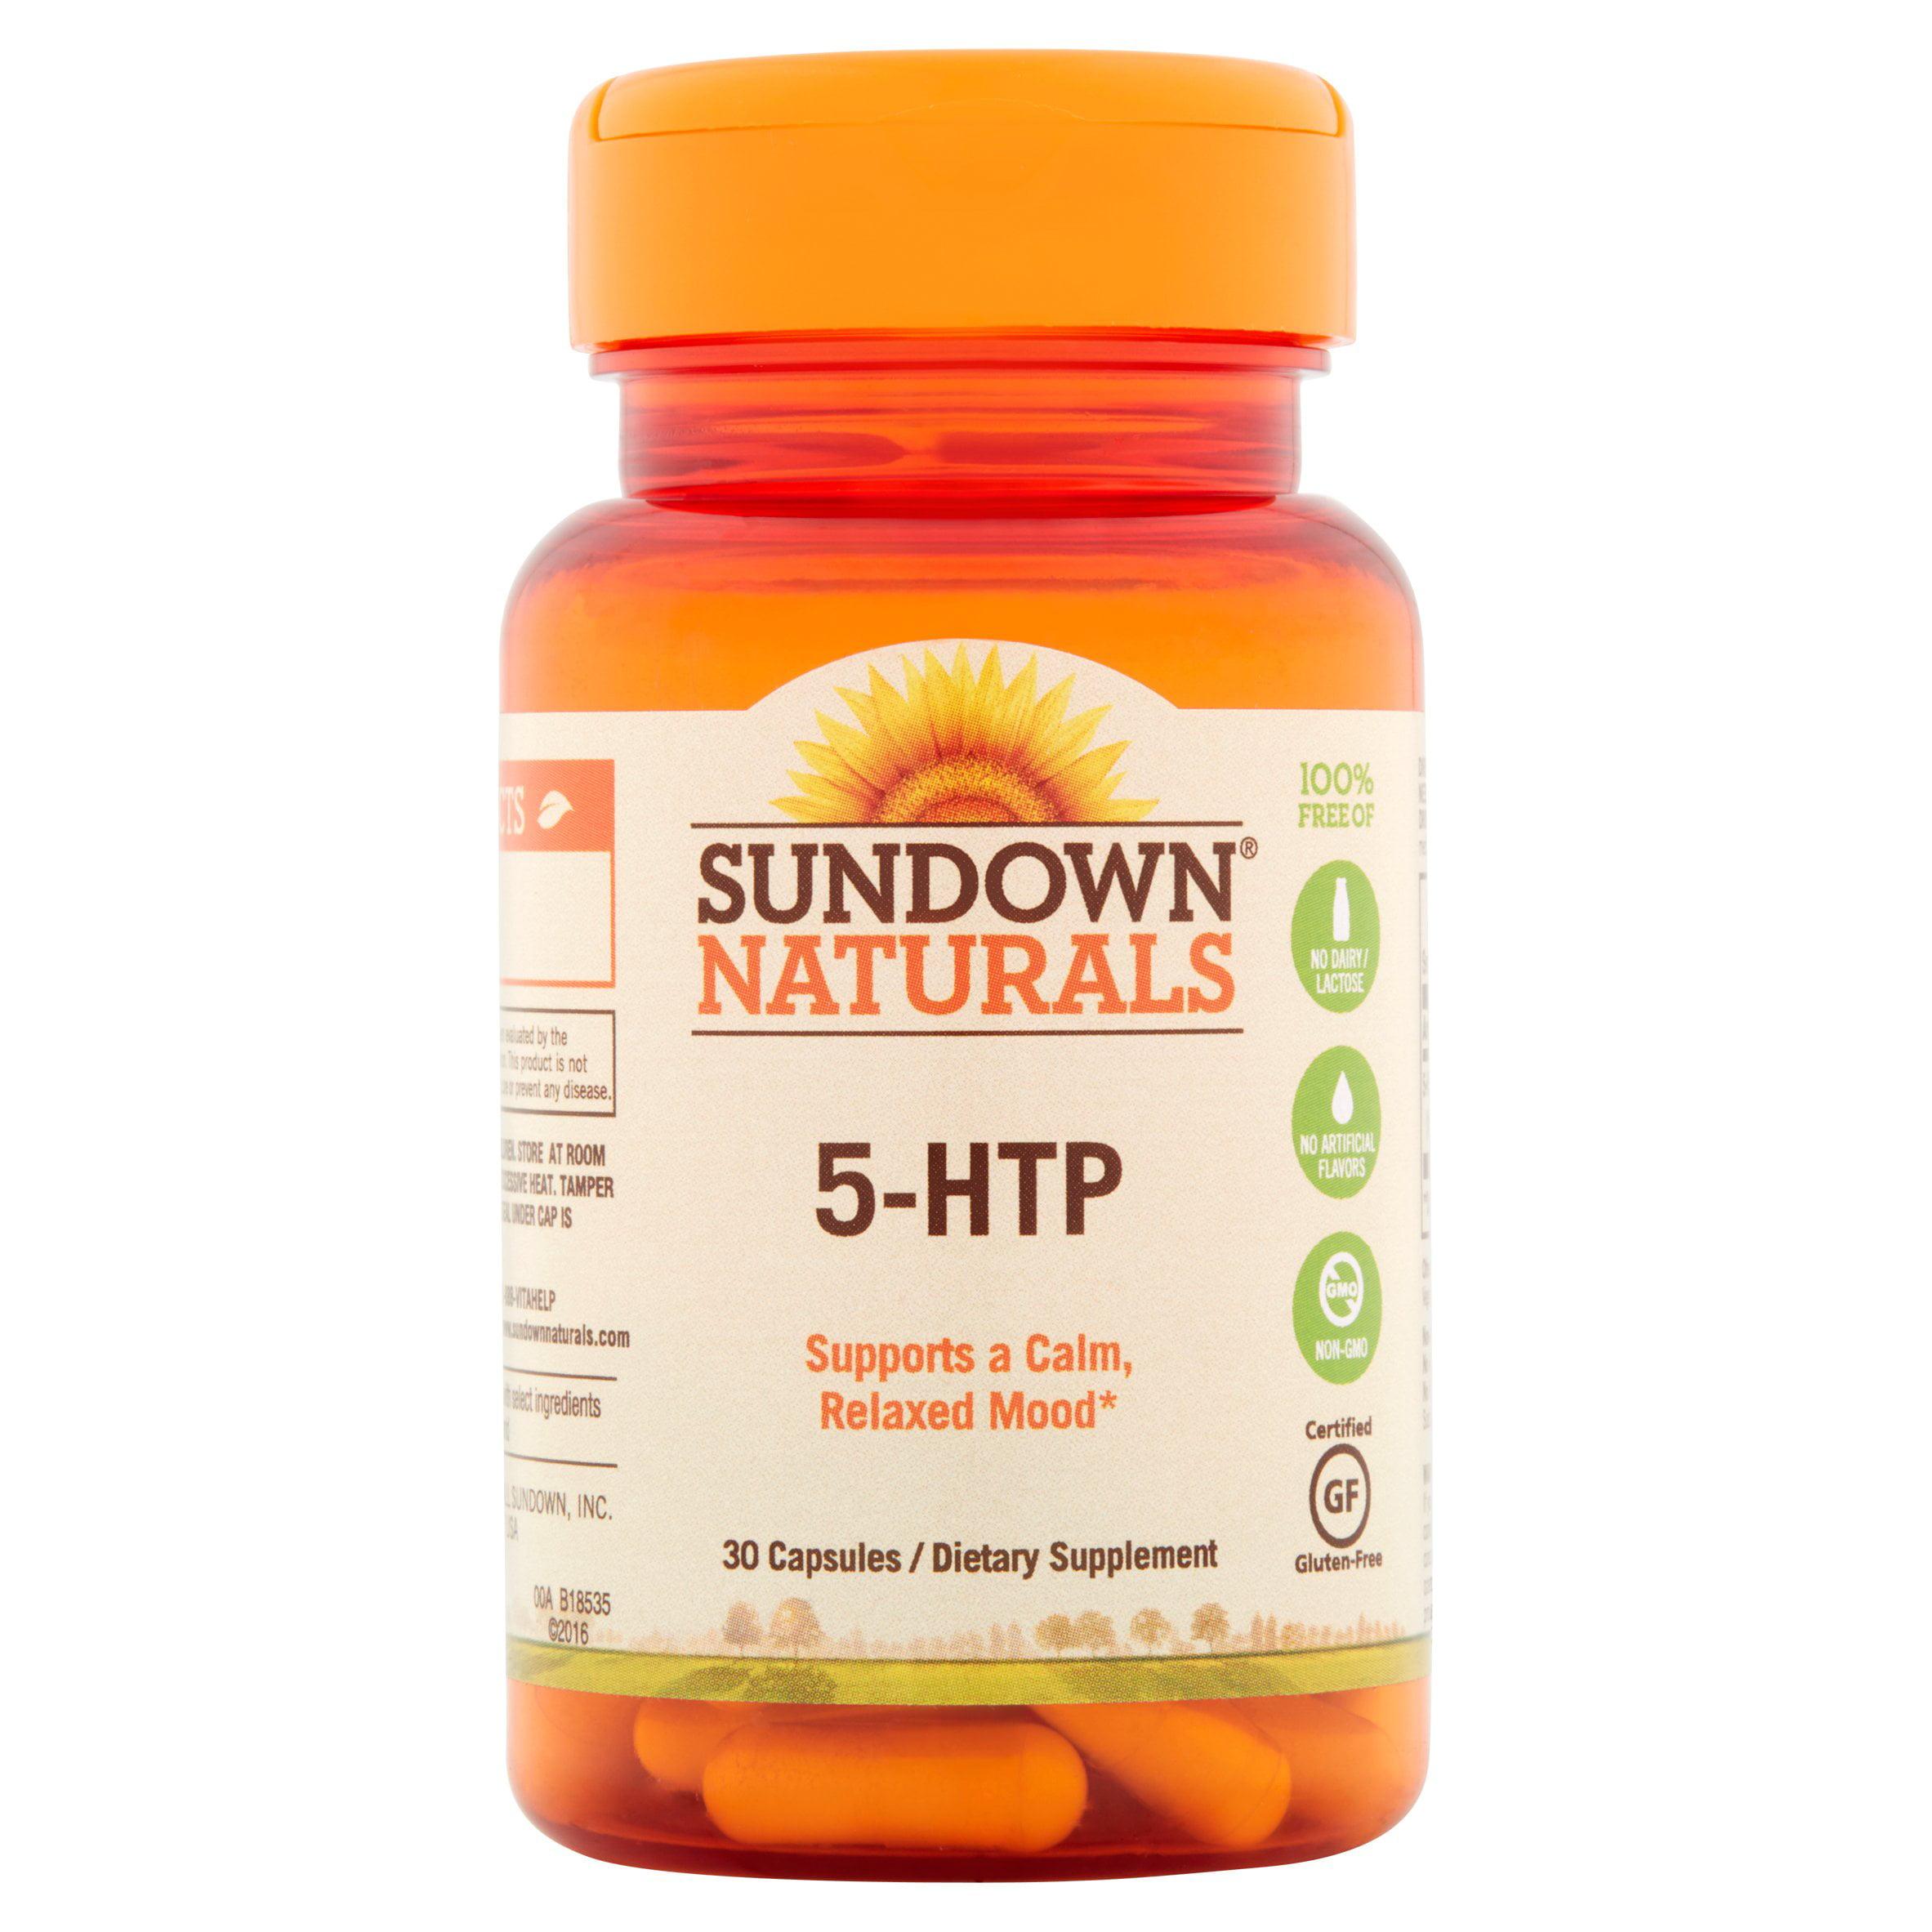 Sundown Naturals 5-HTP Capsules, 30 count